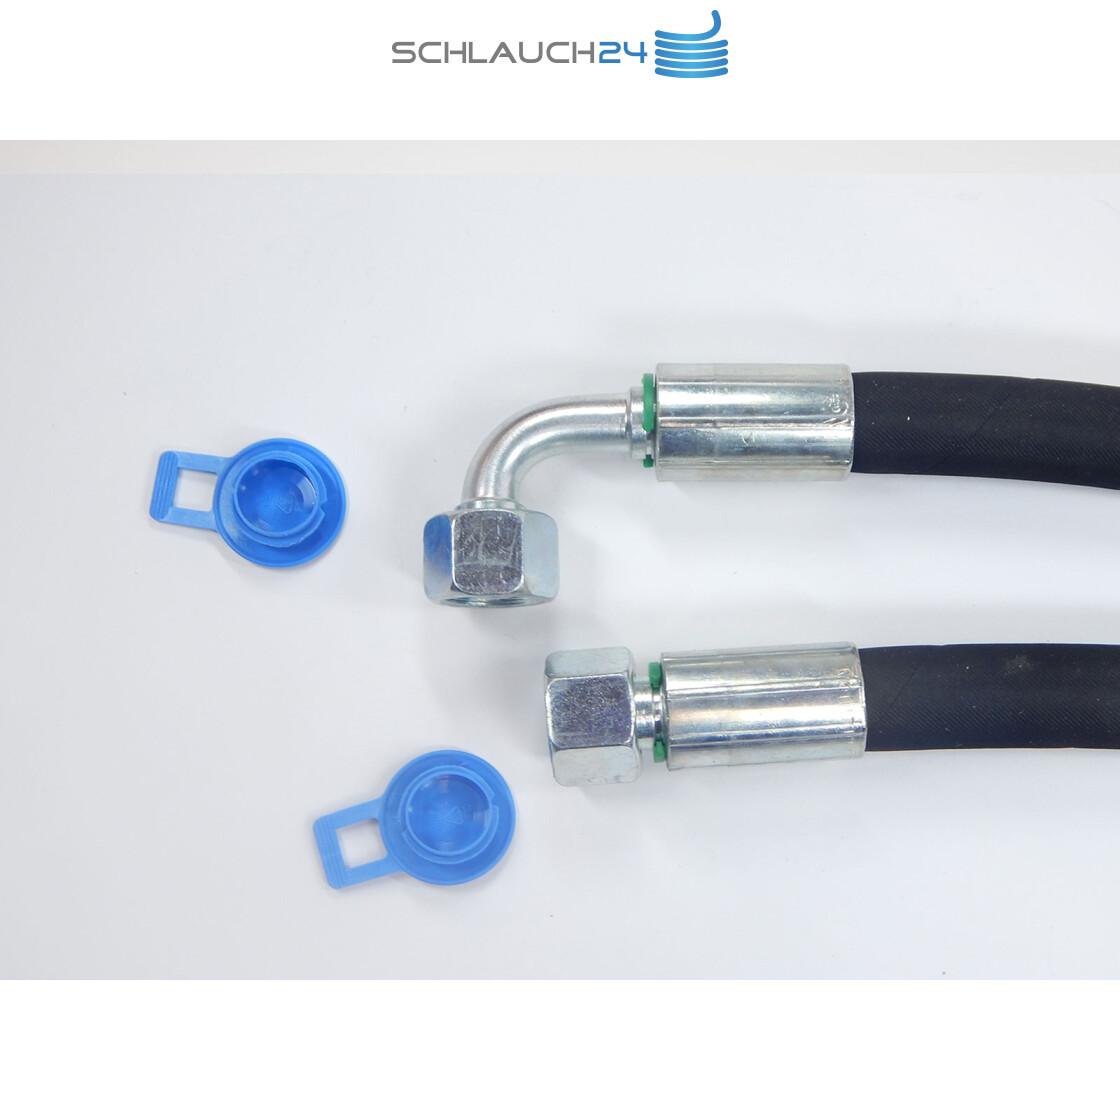 Hydraulikschlauch 2sn dn10 bds dkol diferentes longitudes rm//rm 12 L